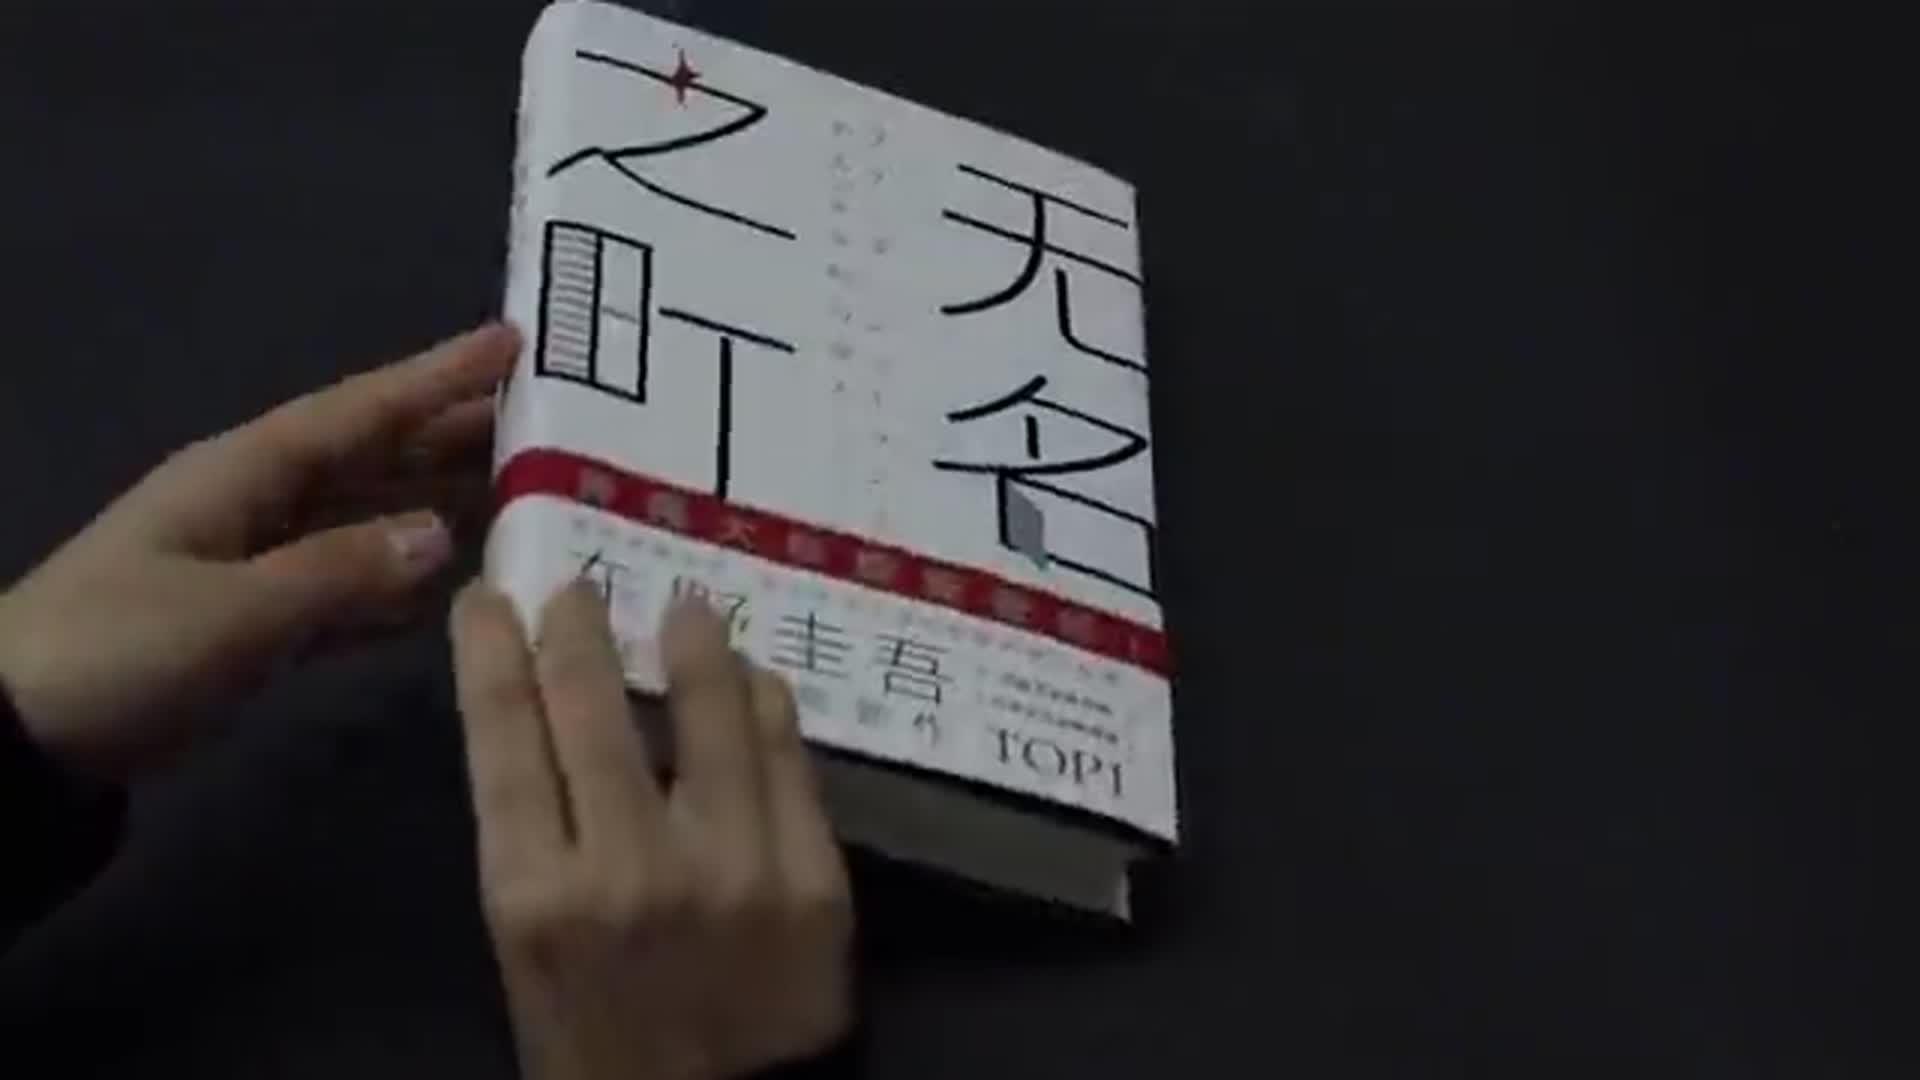 东野圭吾新系列开篇之作《无名之町》,神尾大侦探首秀